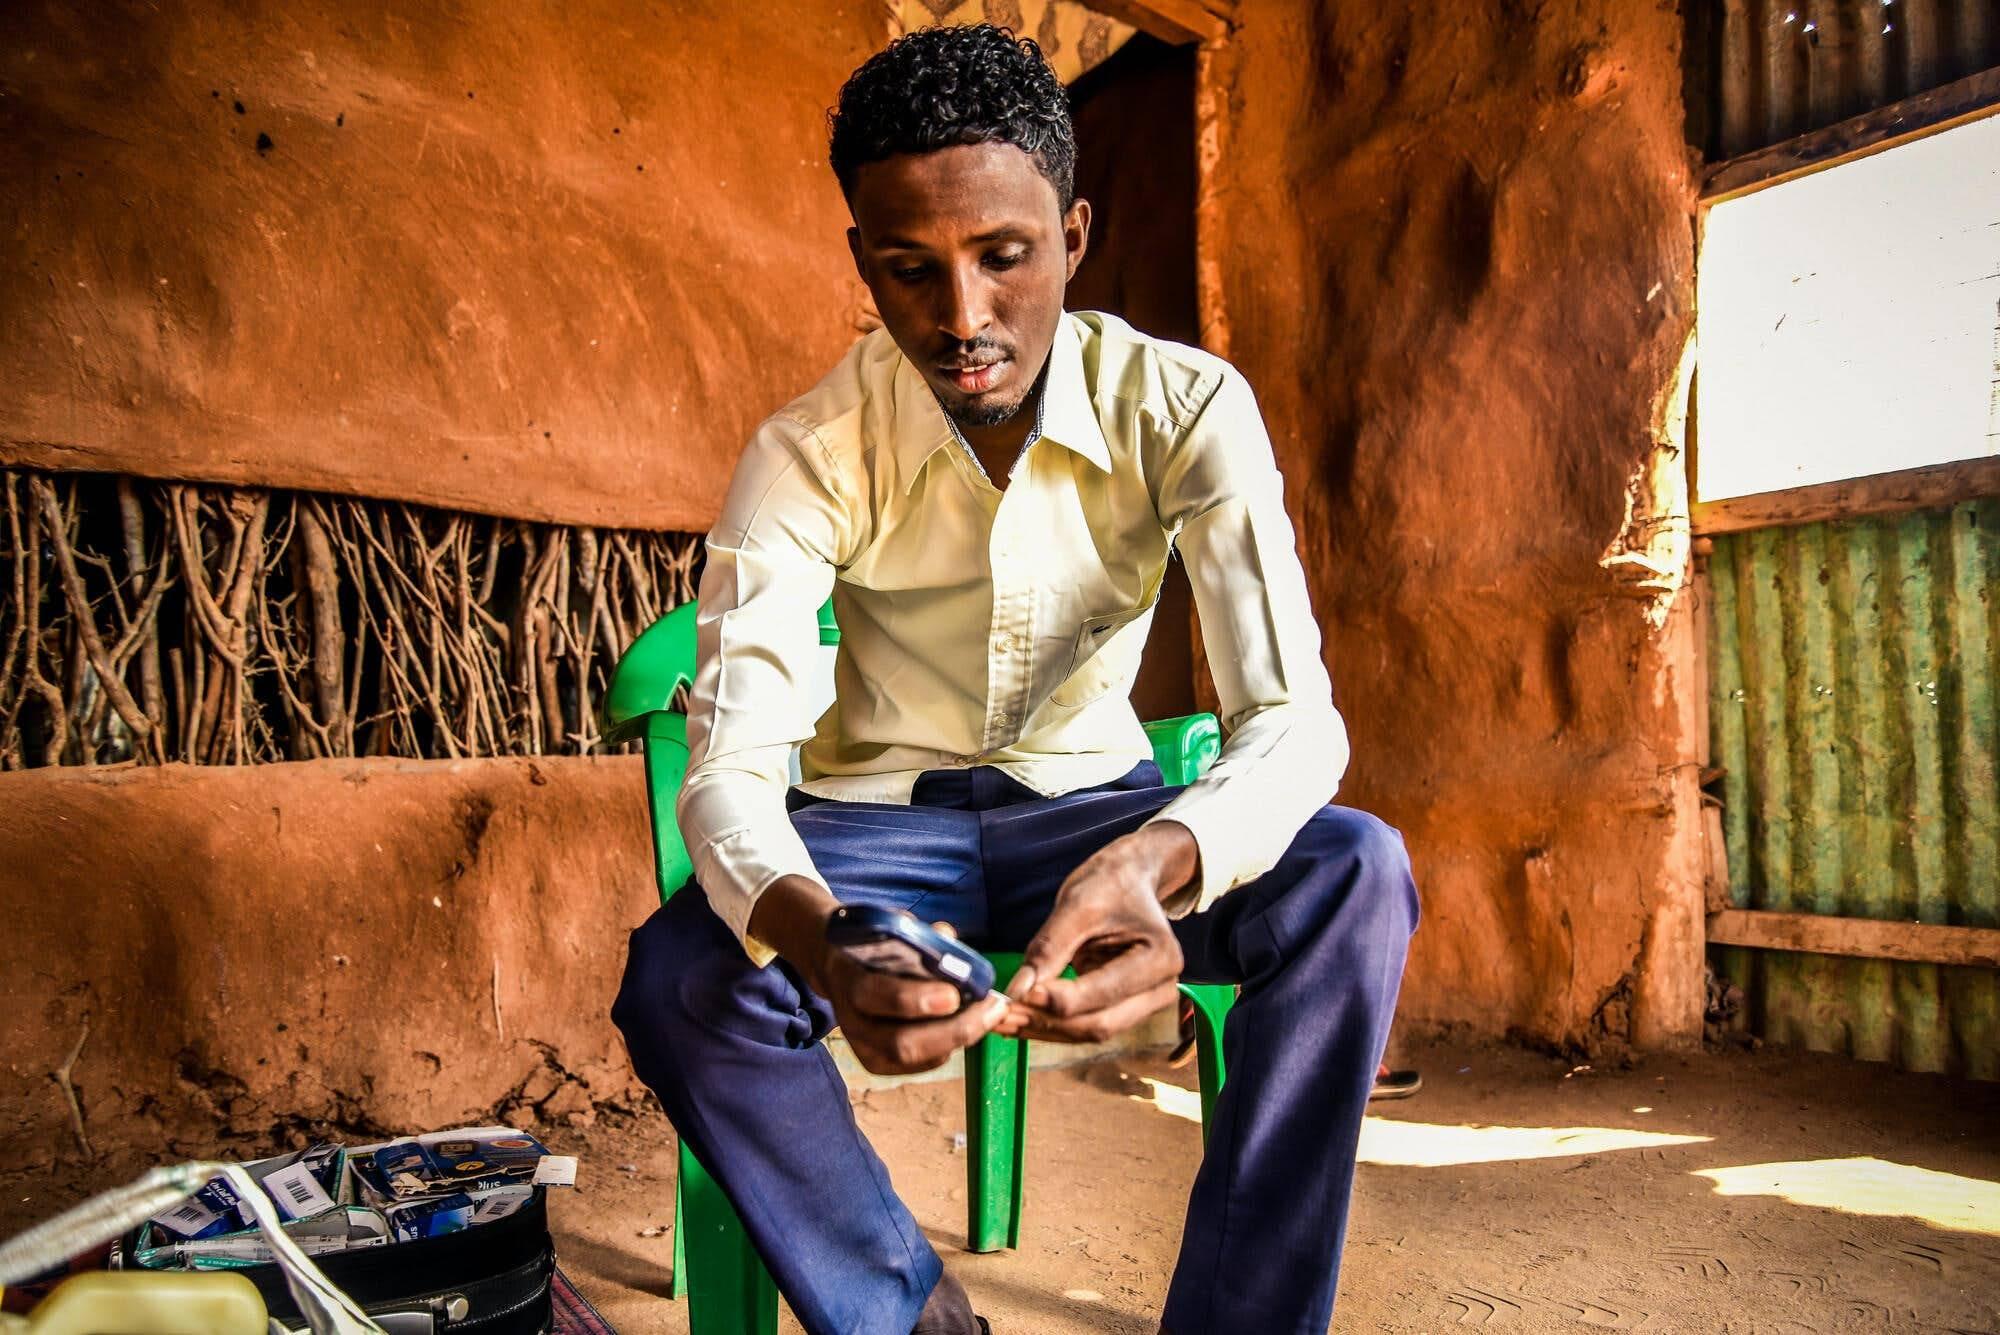 Мохаммед— живущий вКении беженец, его жизнь зависит от регулярного получения инсулина.